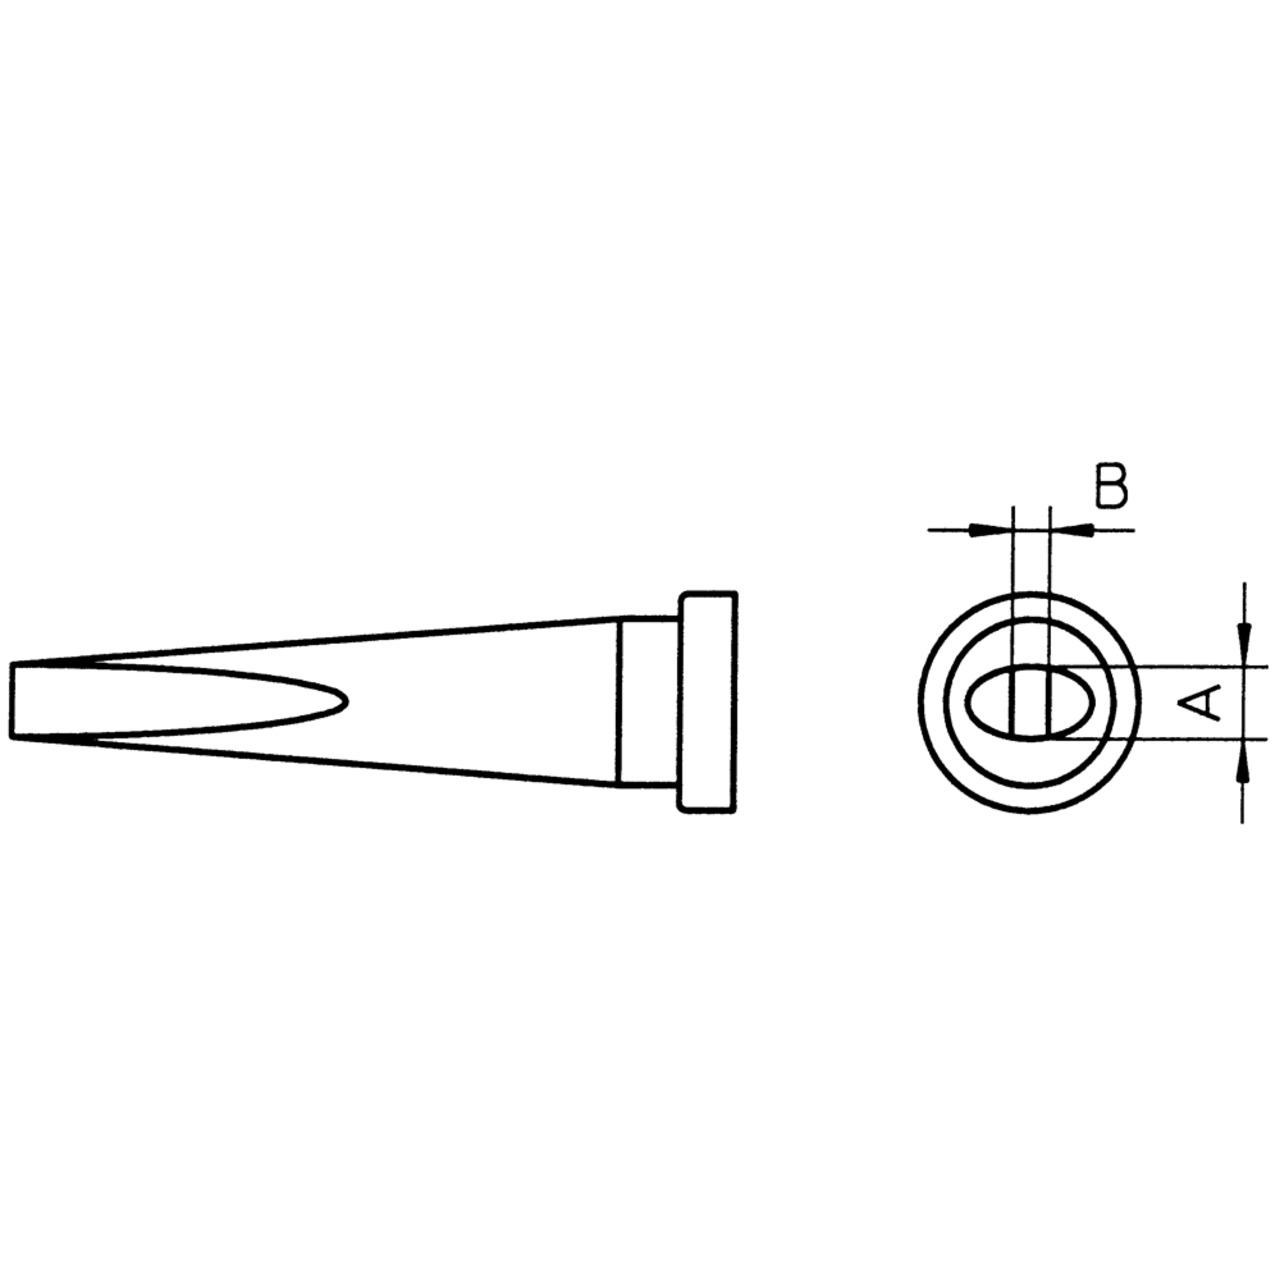 Weller Ersatzlötspitze LT K- meisselförmig- Spitze 1-2 mm breit